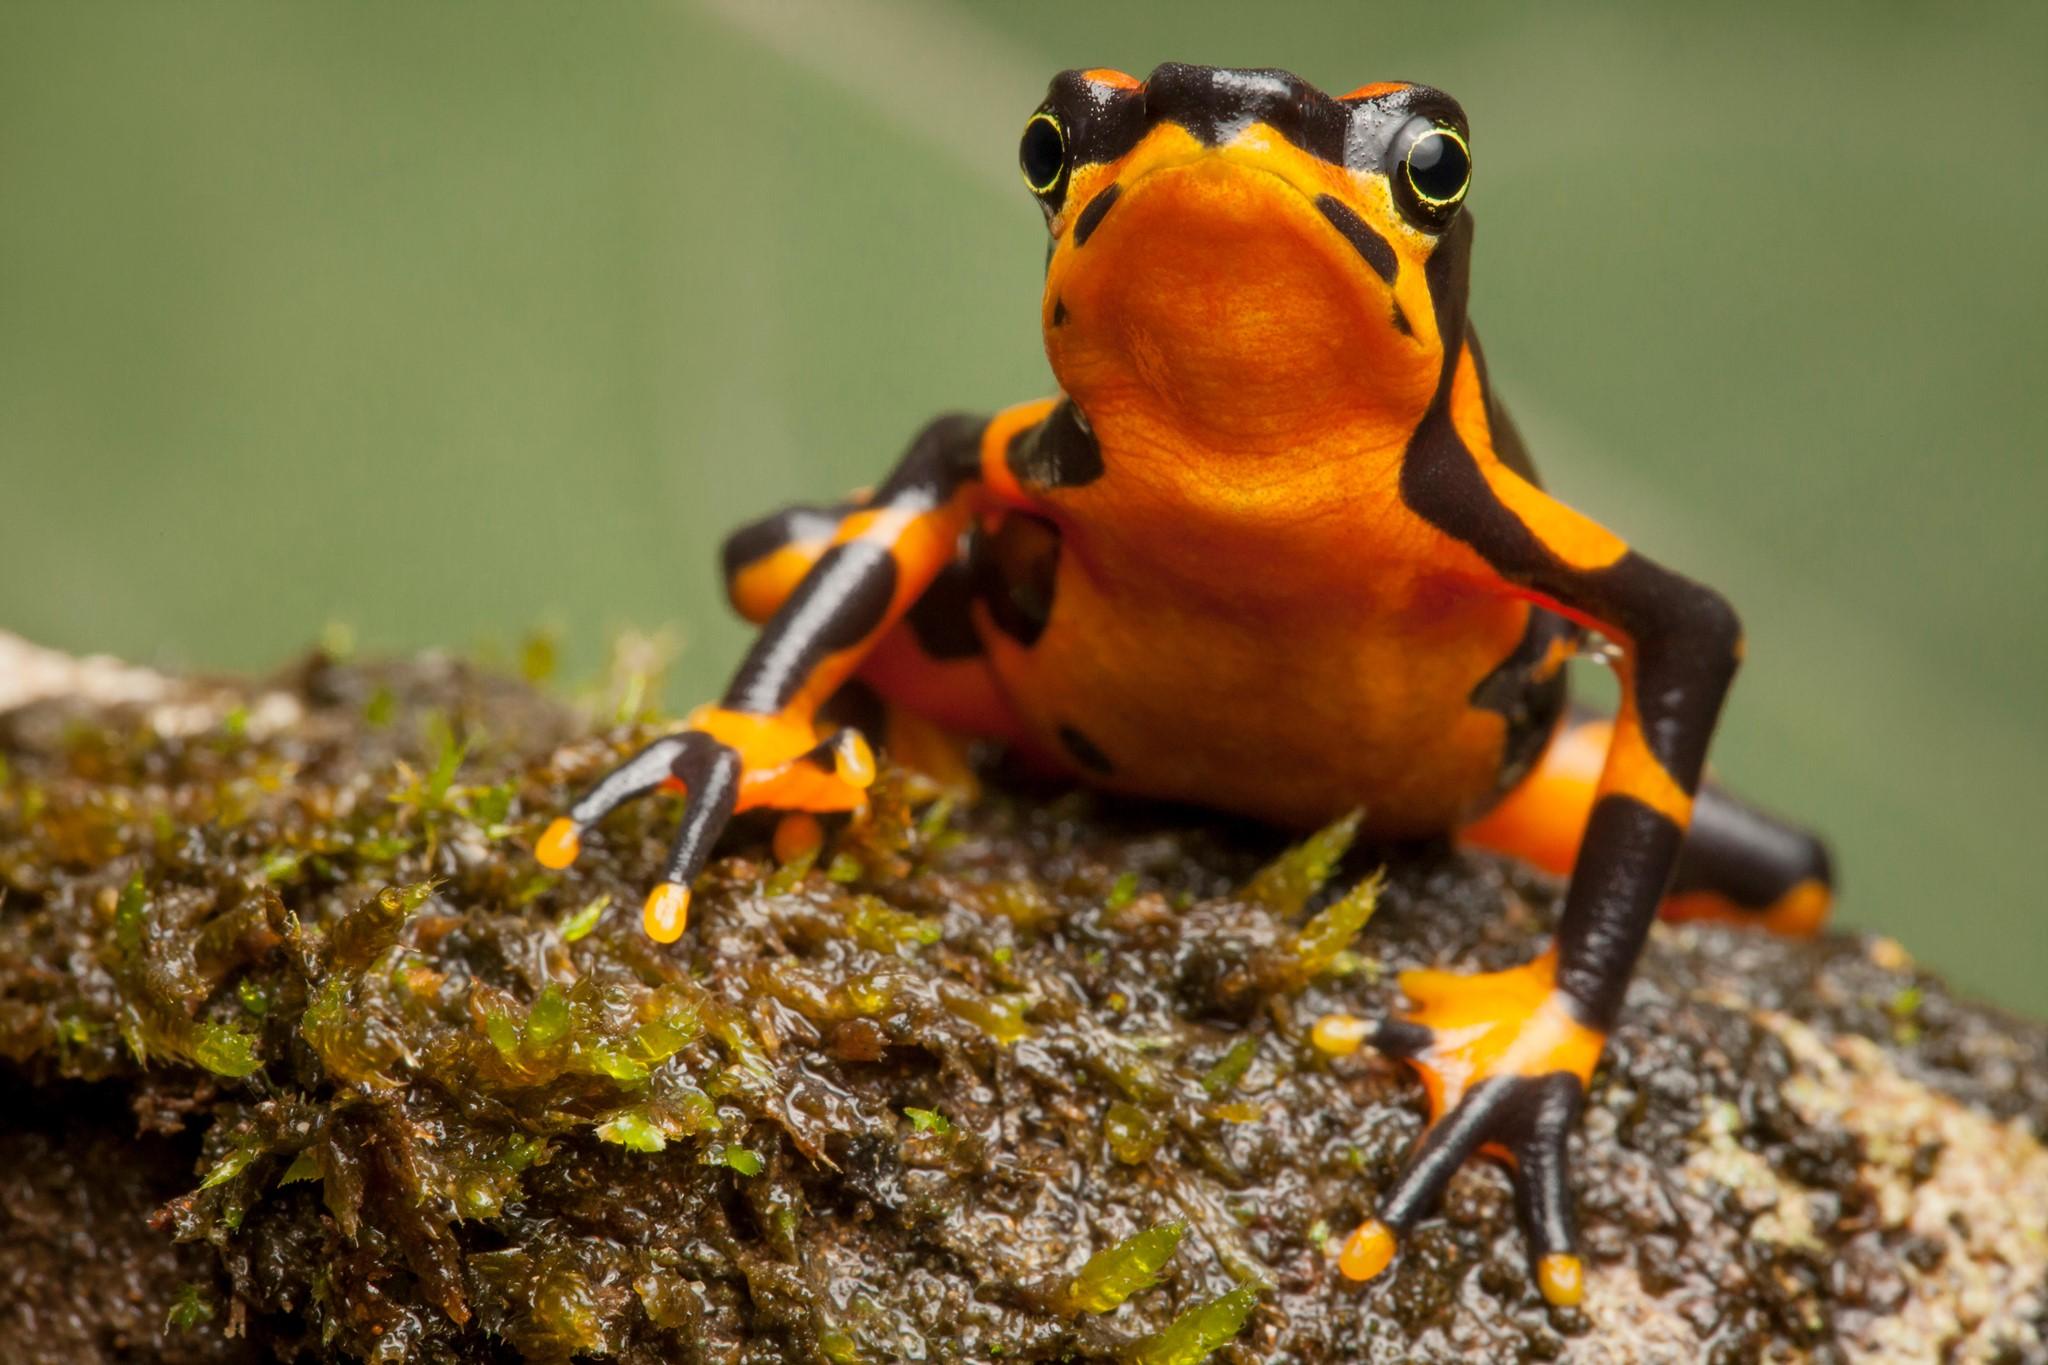 Пестрый арлекин: редчайшую жабу планеты впервые вывели в неволе